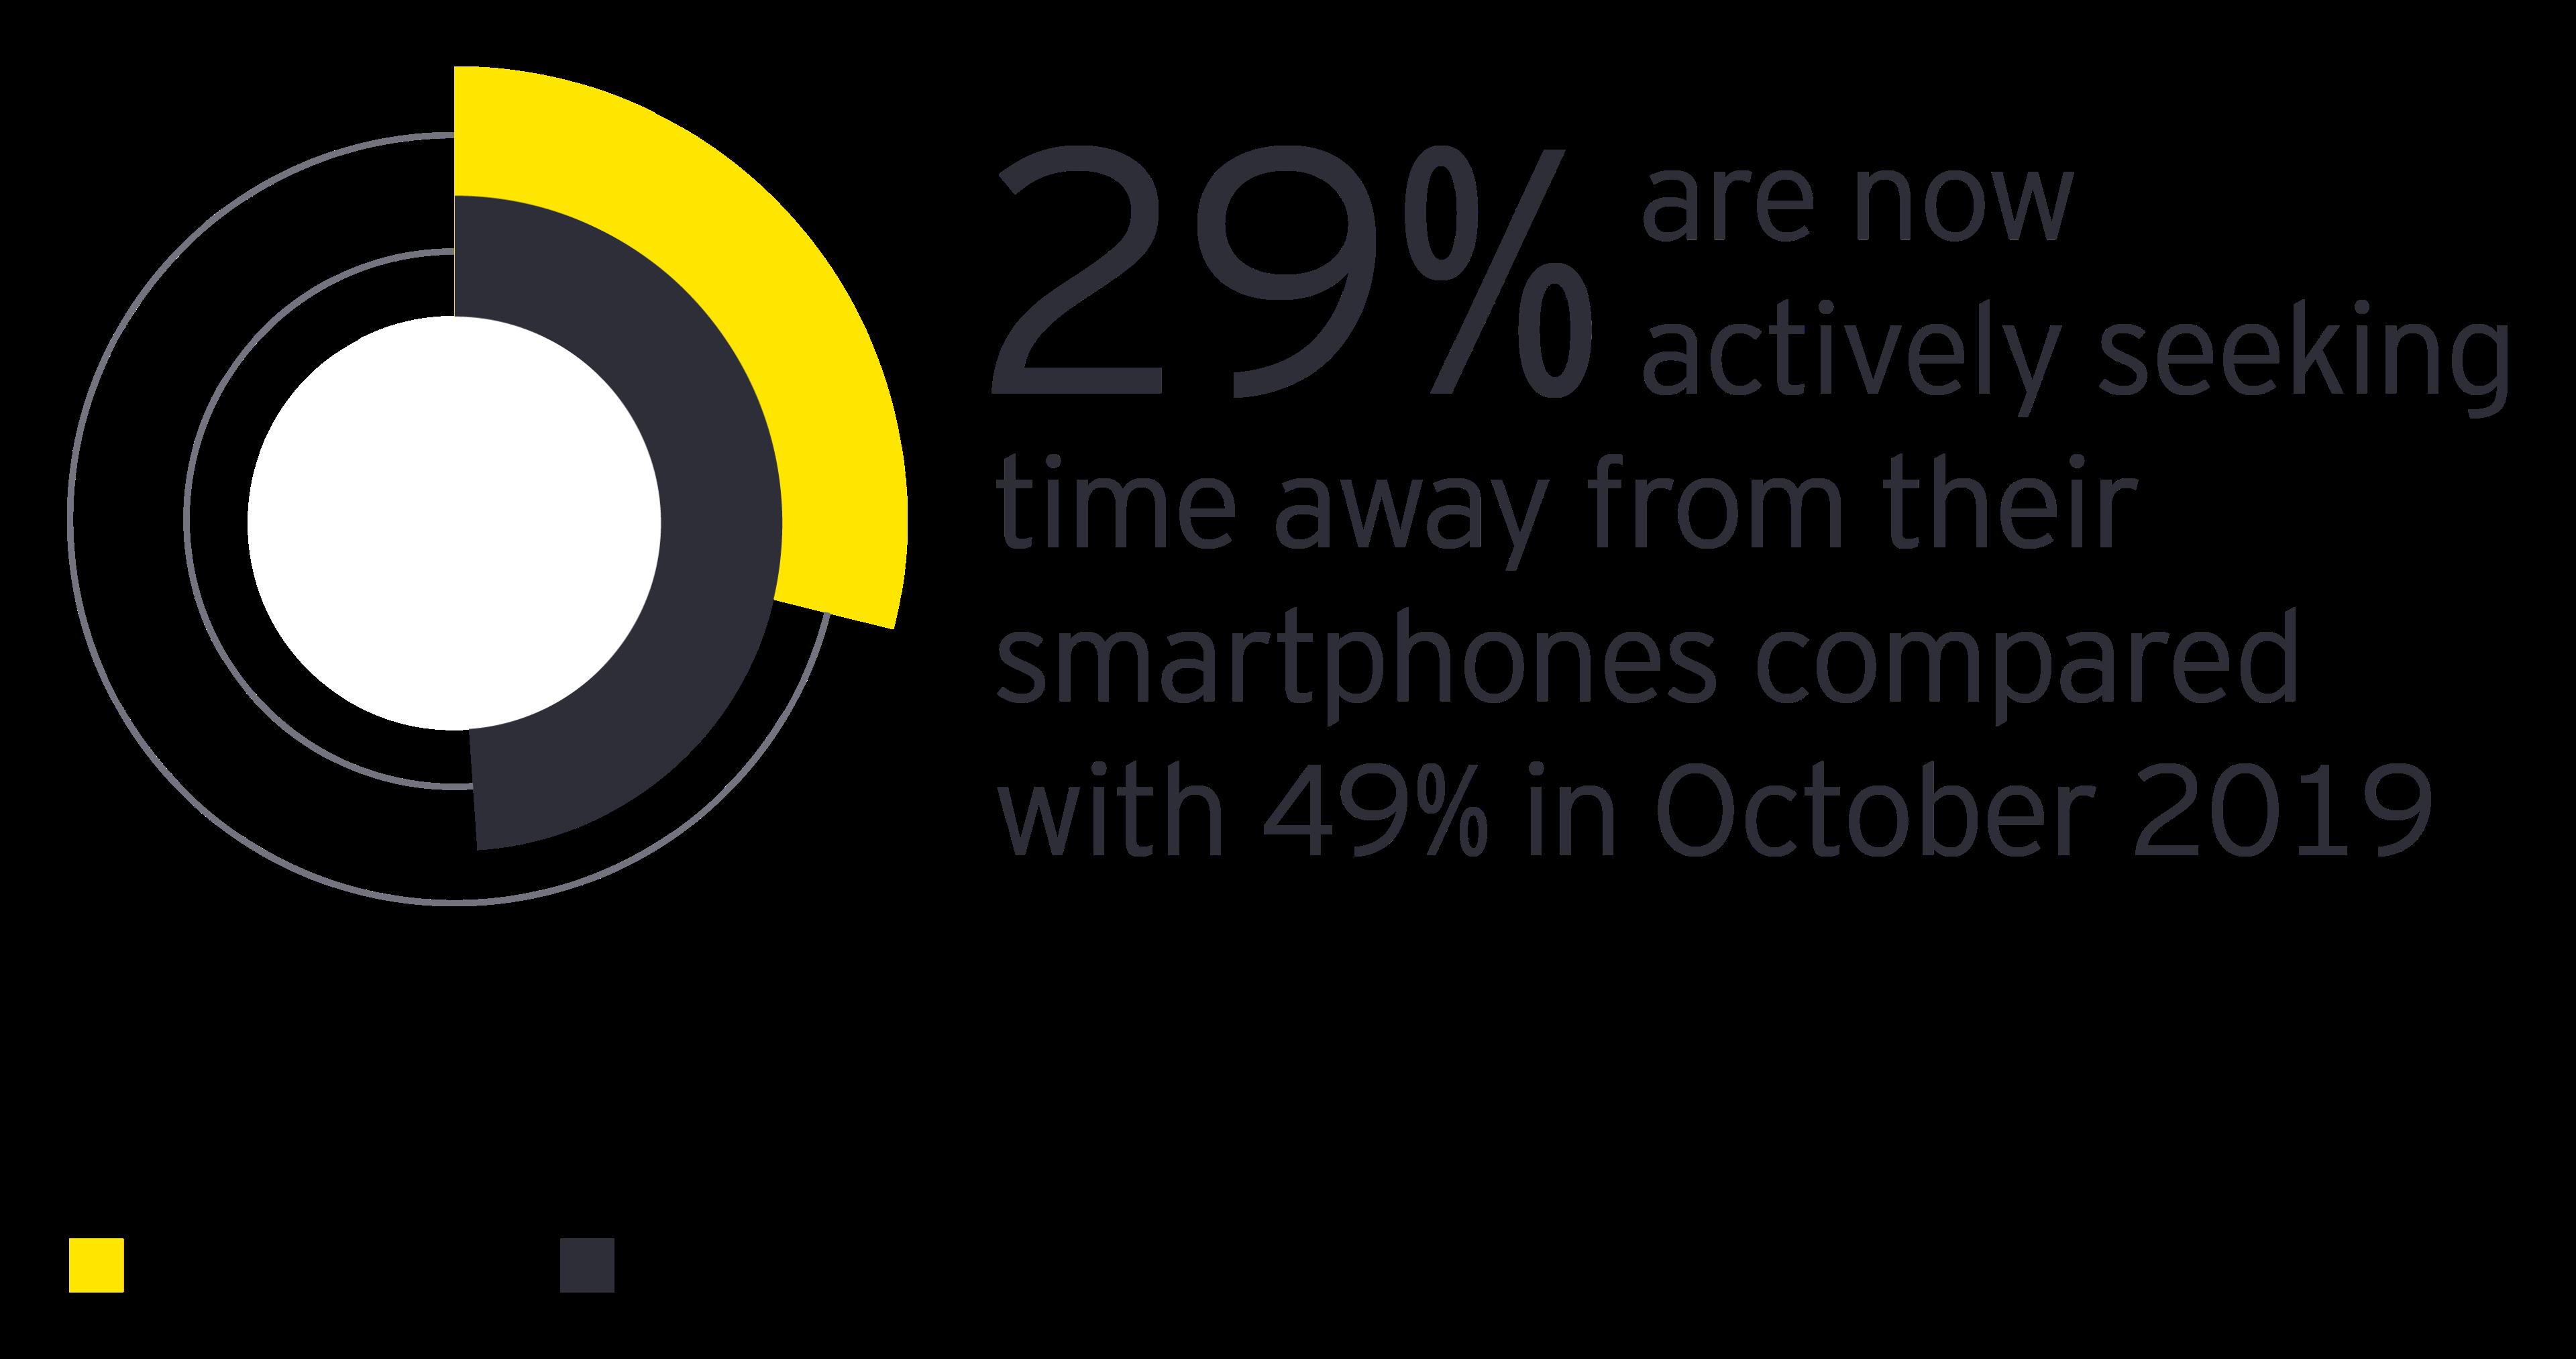 Stats of using smartphones